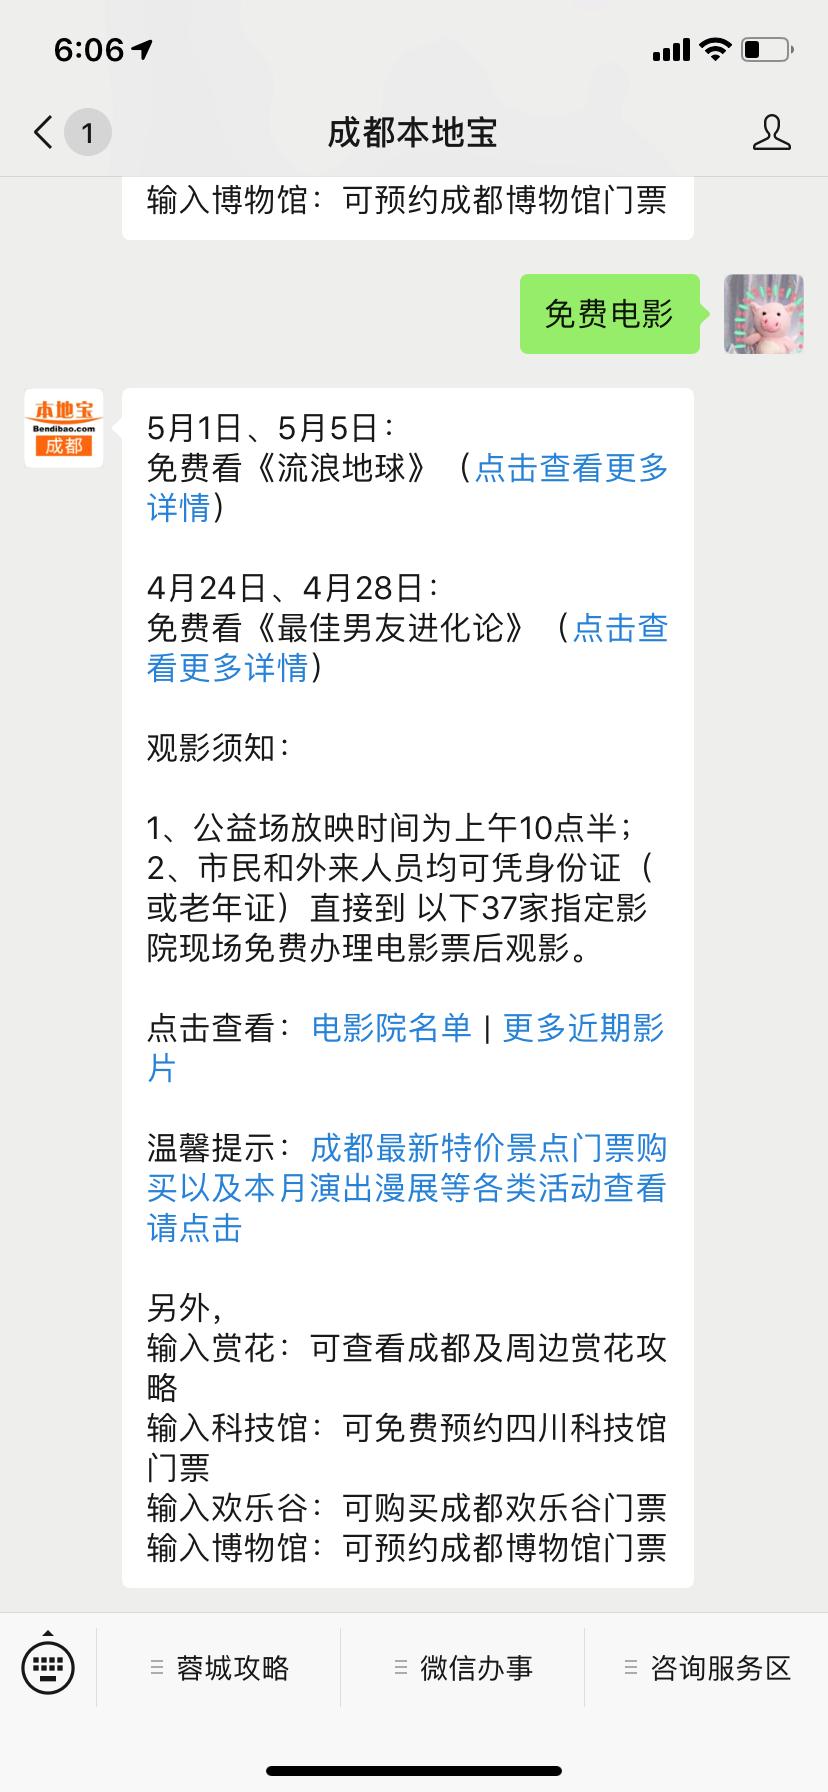 2019年成都海昌极地海洋公园特惠门票购买